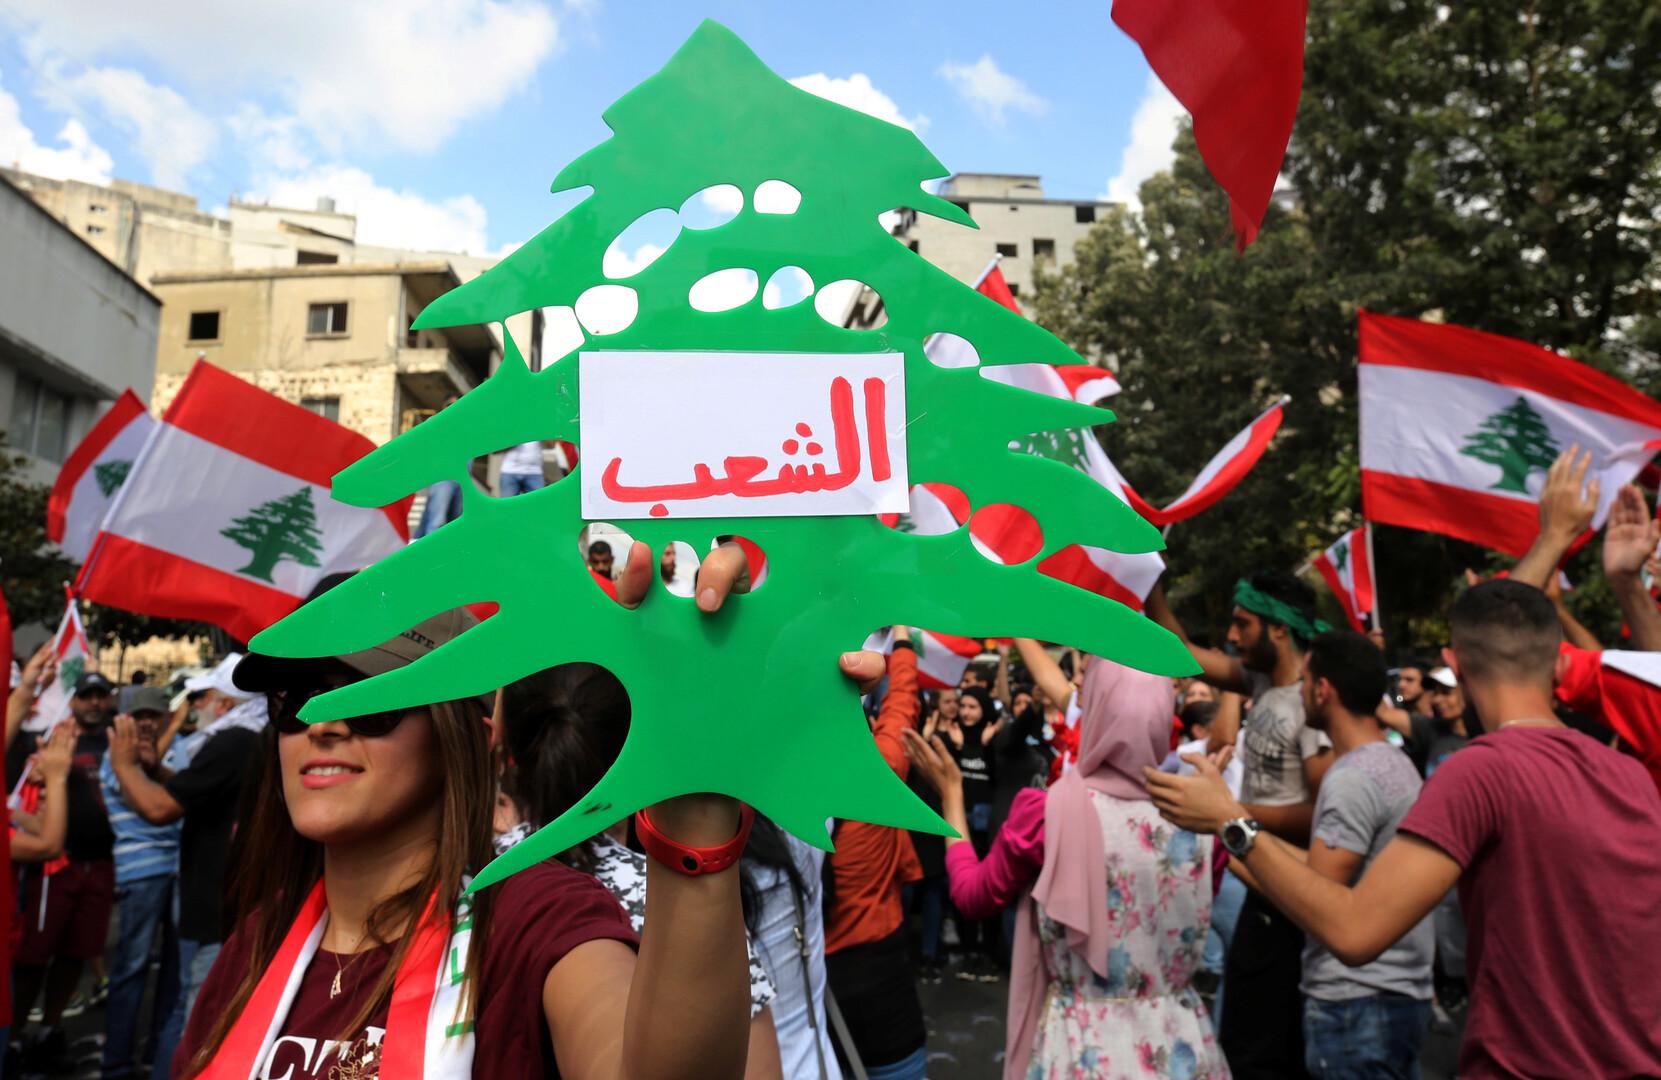 اللبنانيون يتظاهرون لليوم الخامس وترقب لخطوة الحريري